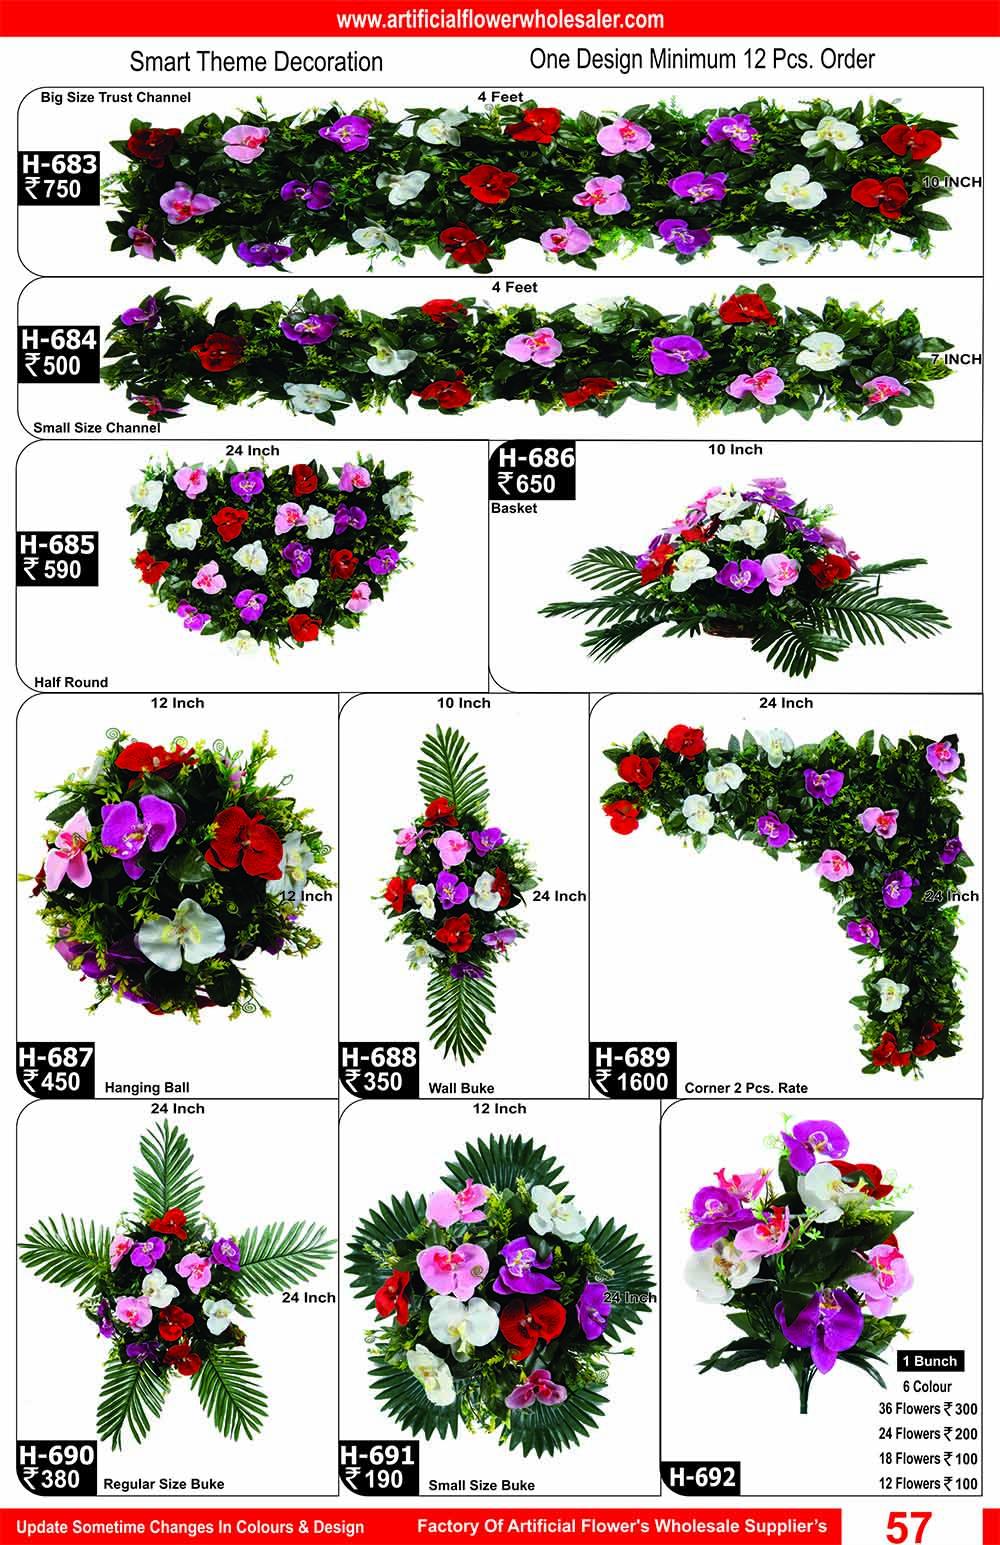 57-artificial-flower-wholesaler